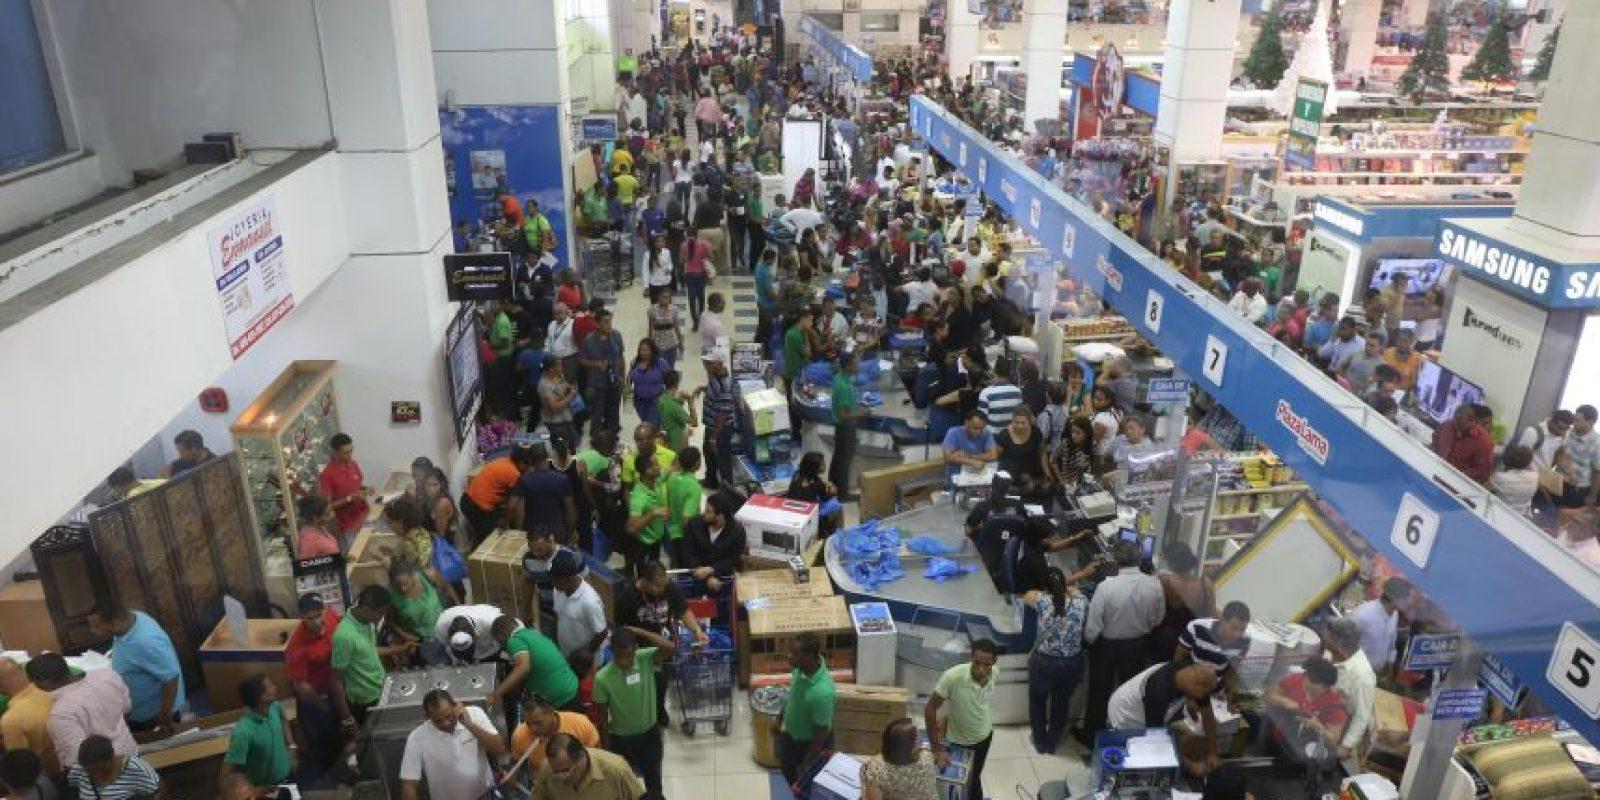 El día que se inició en EE.UU. ha ido tomando fuerza en gran parte del mundo, y también en República Dominicana. Foto:Archivo